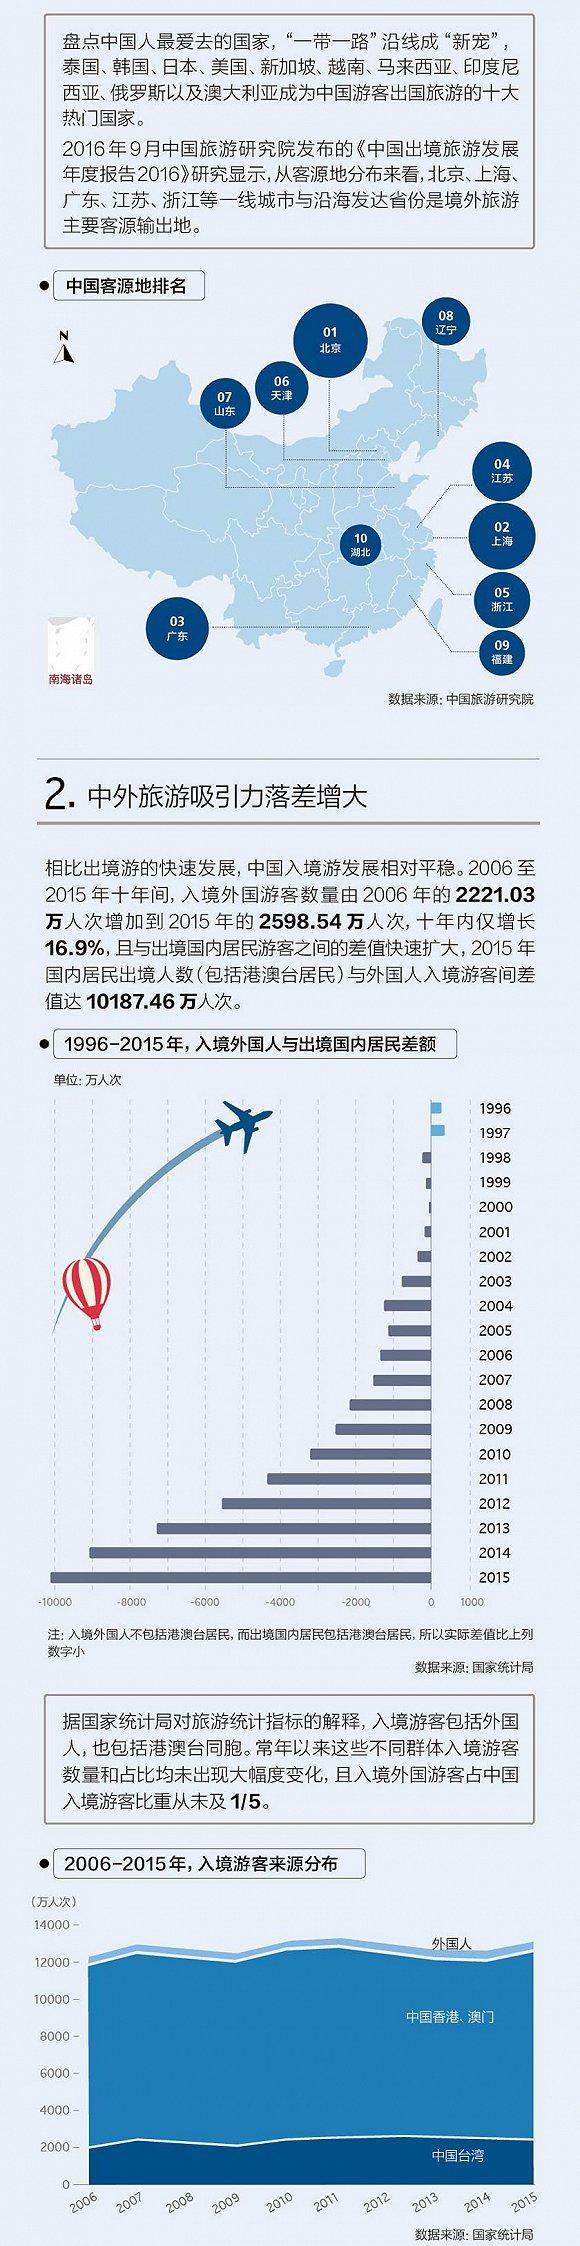 全球旅游业扫描:中国内地游客量占全球10%